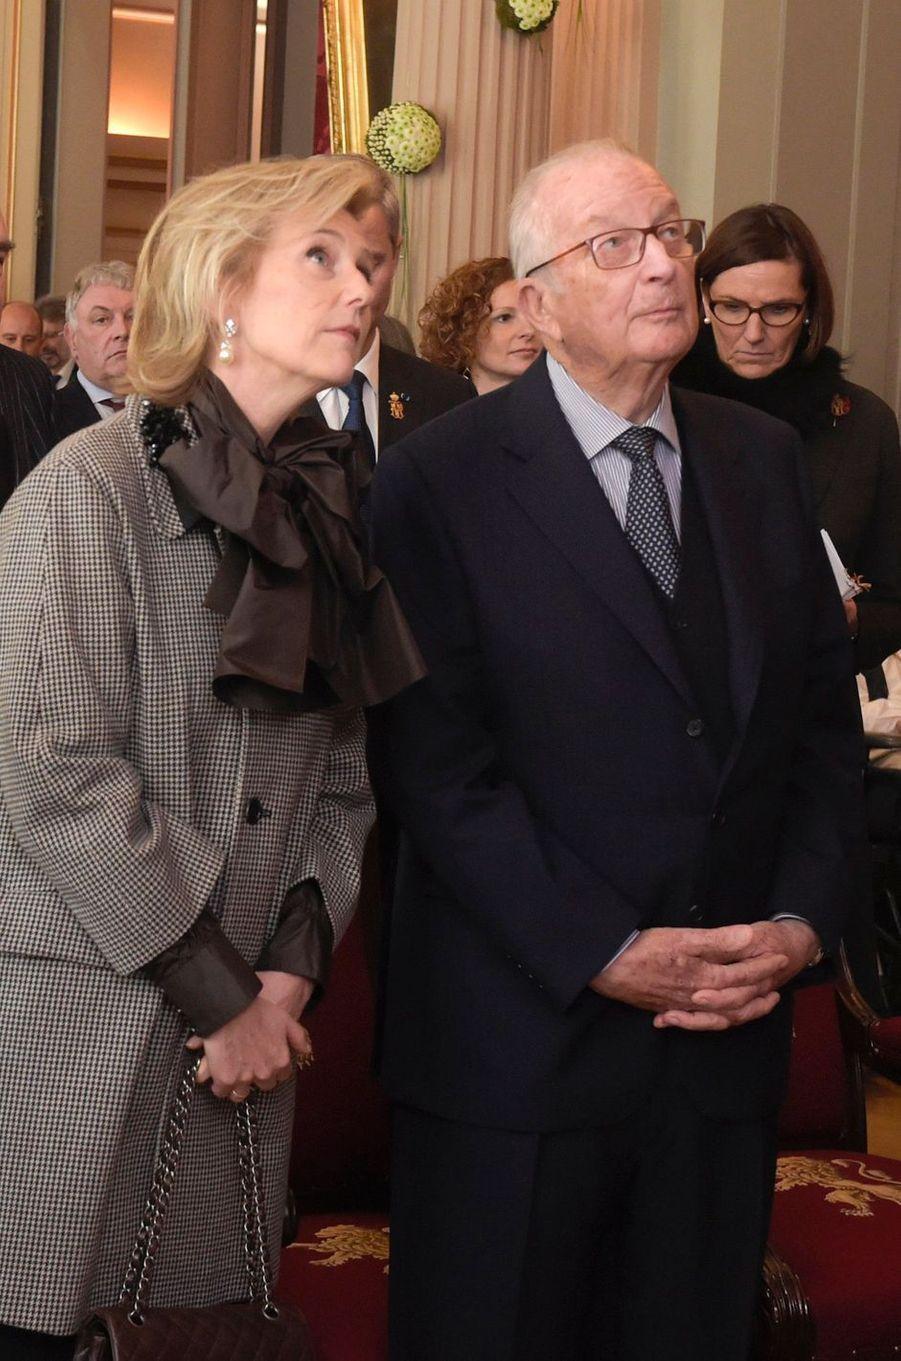 L'ancien roi des Belges Albert II, avec sa fille la princesse Astrid de Belgique, à Bruxelles le 15 novembre 2018